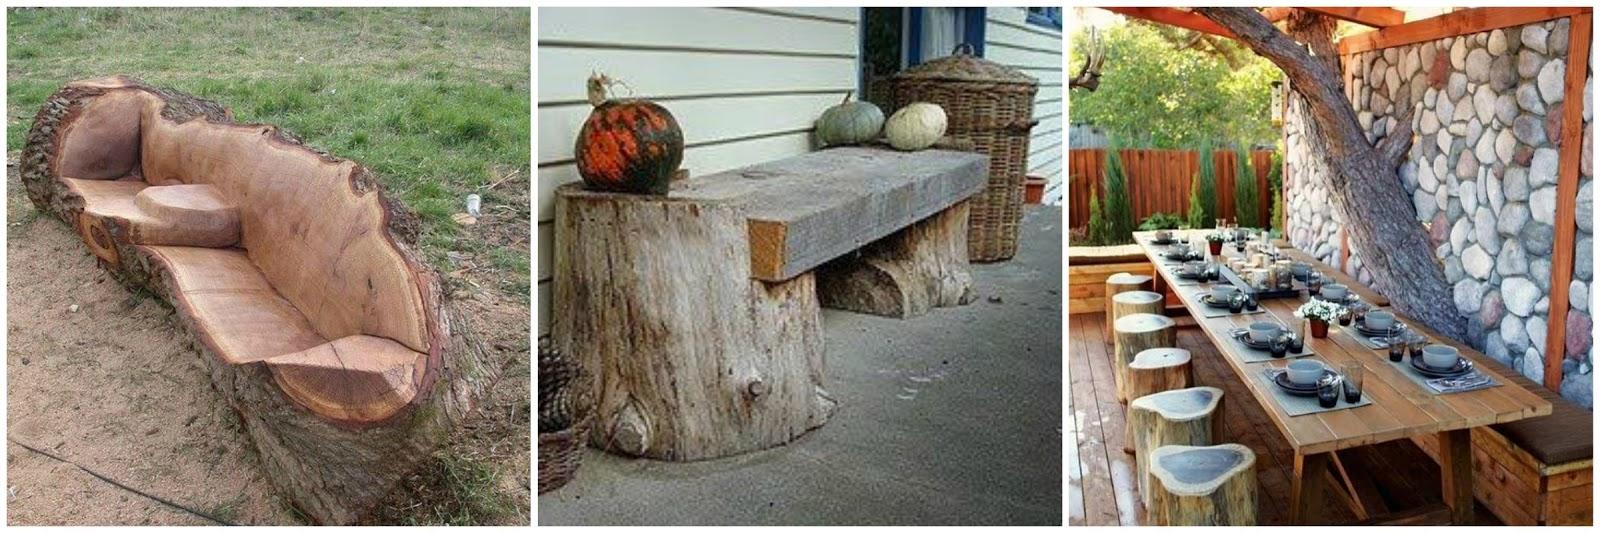 Necesitas una mesa de jardín o sueñas con tener un bar donde atender